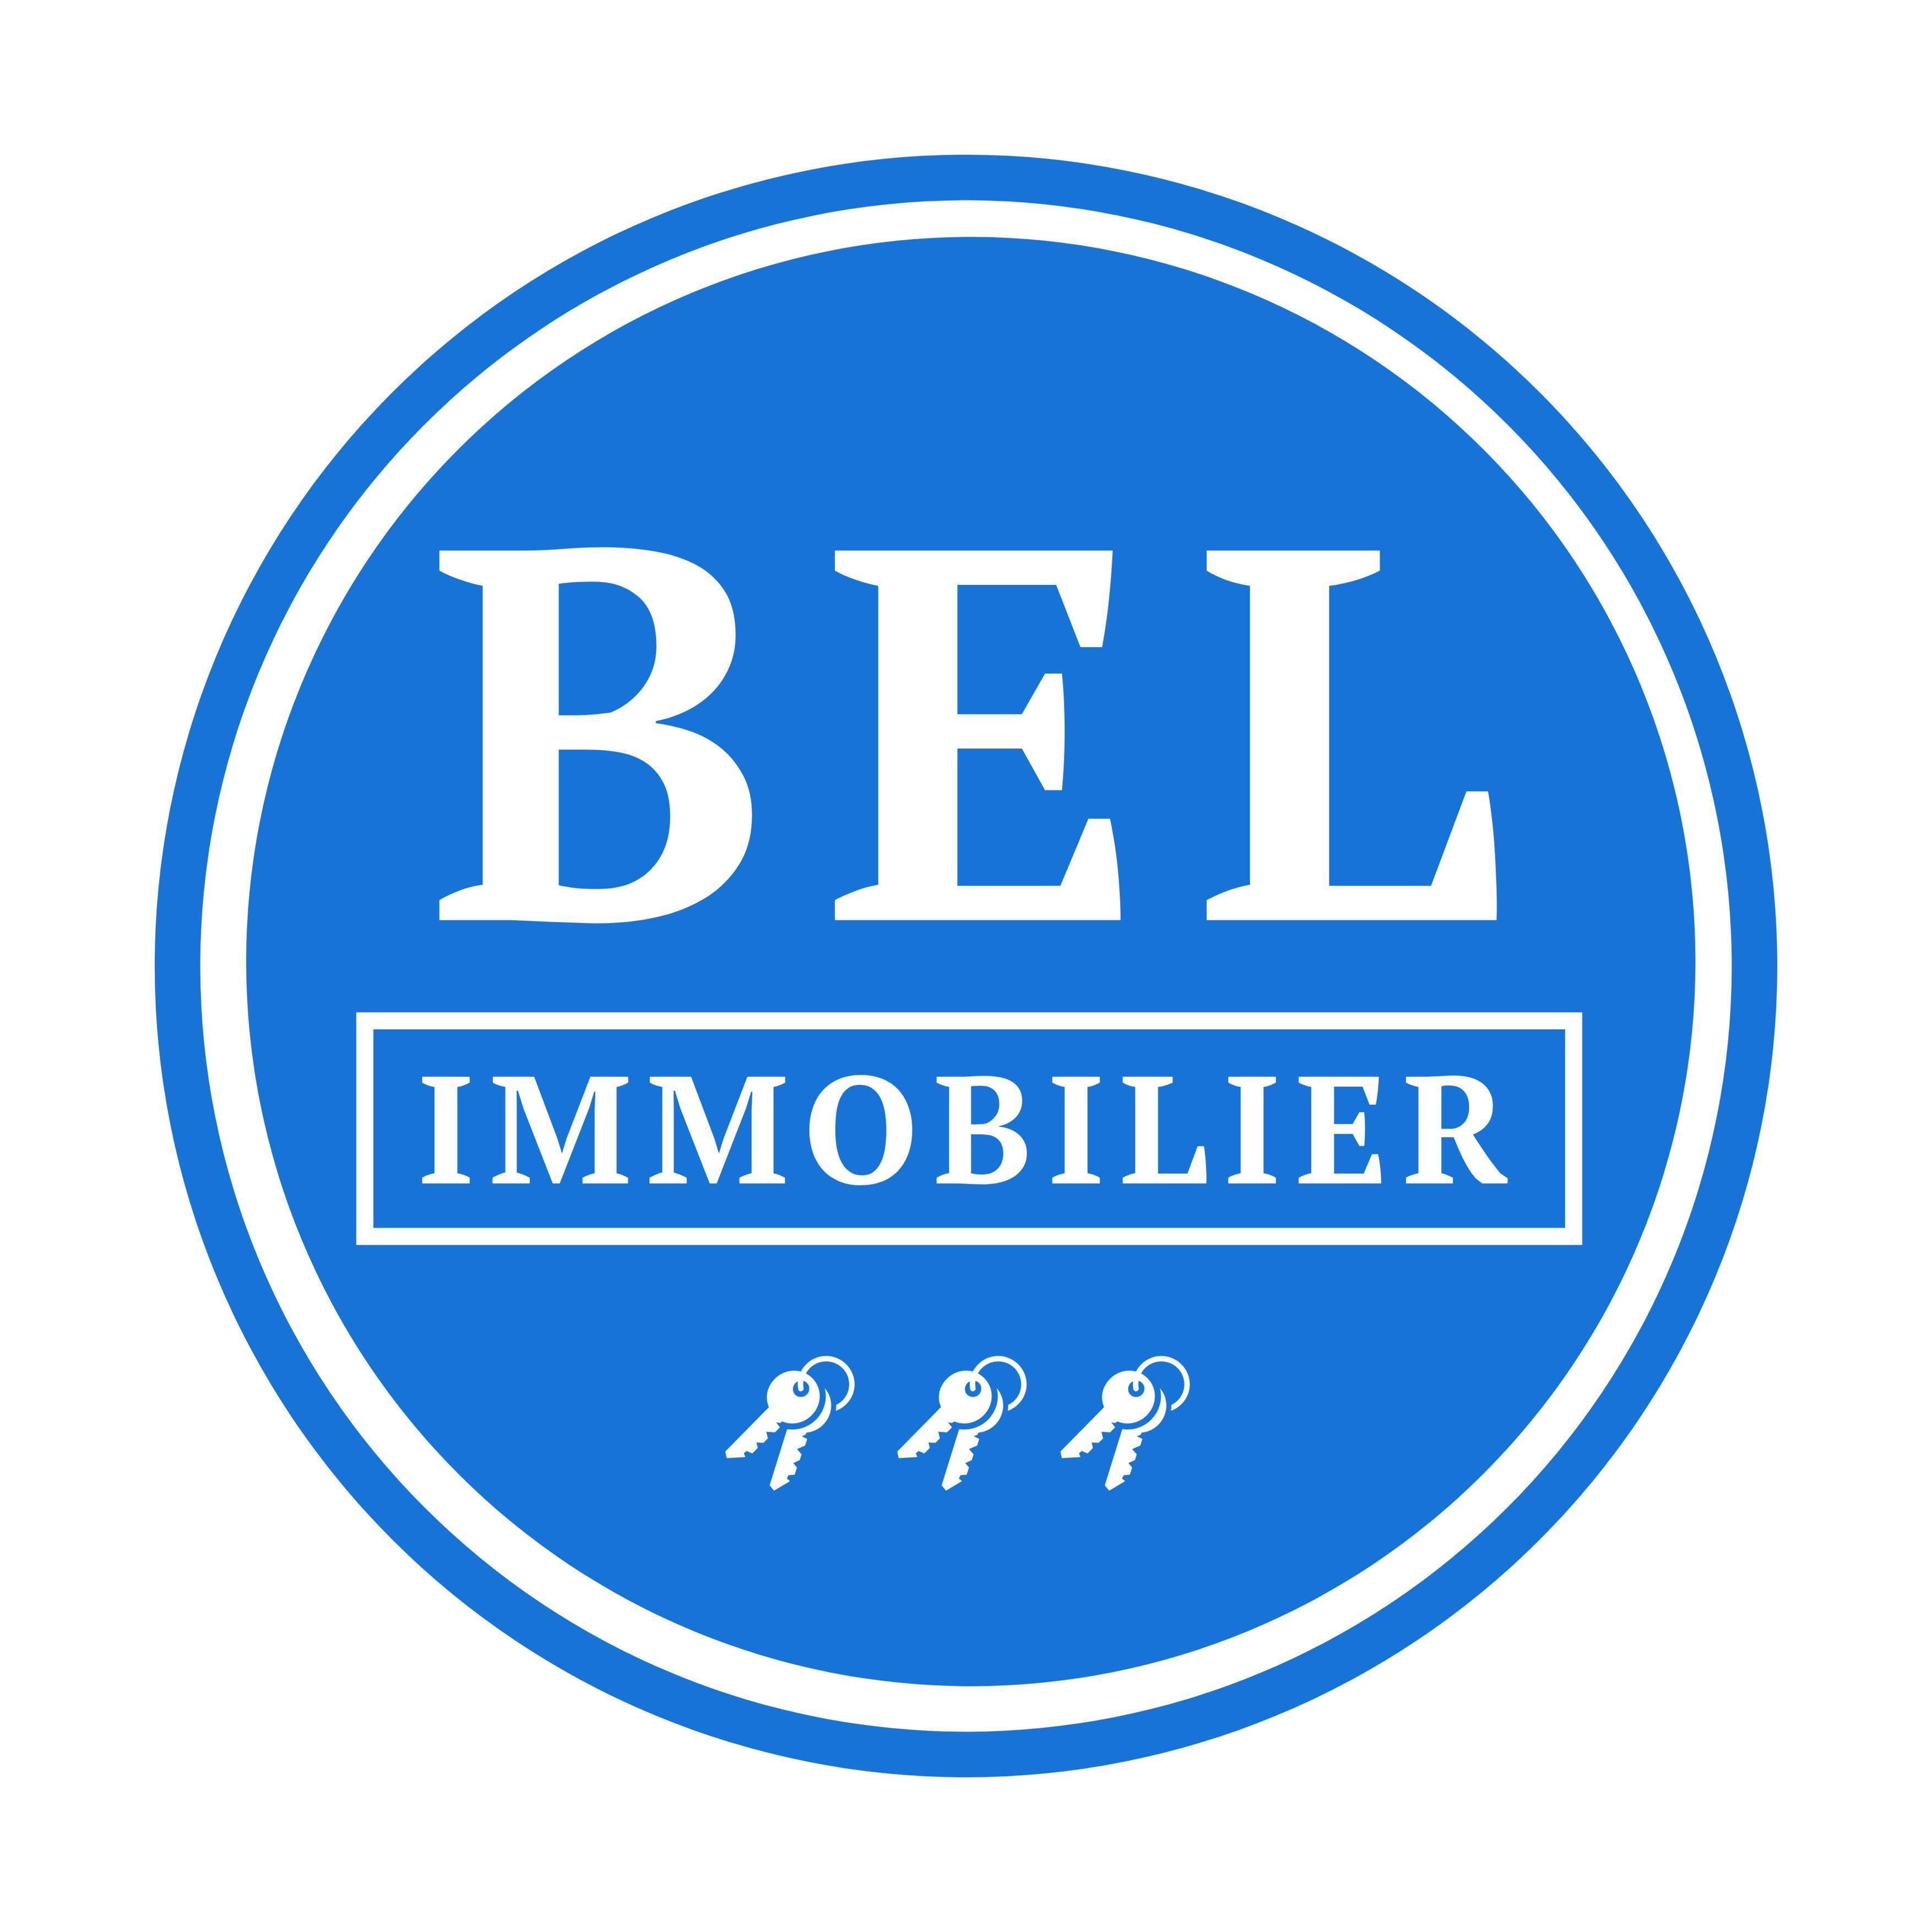 Bel Immobilier agence immobilière Saint-Symphorien-sur-Coise (69590)